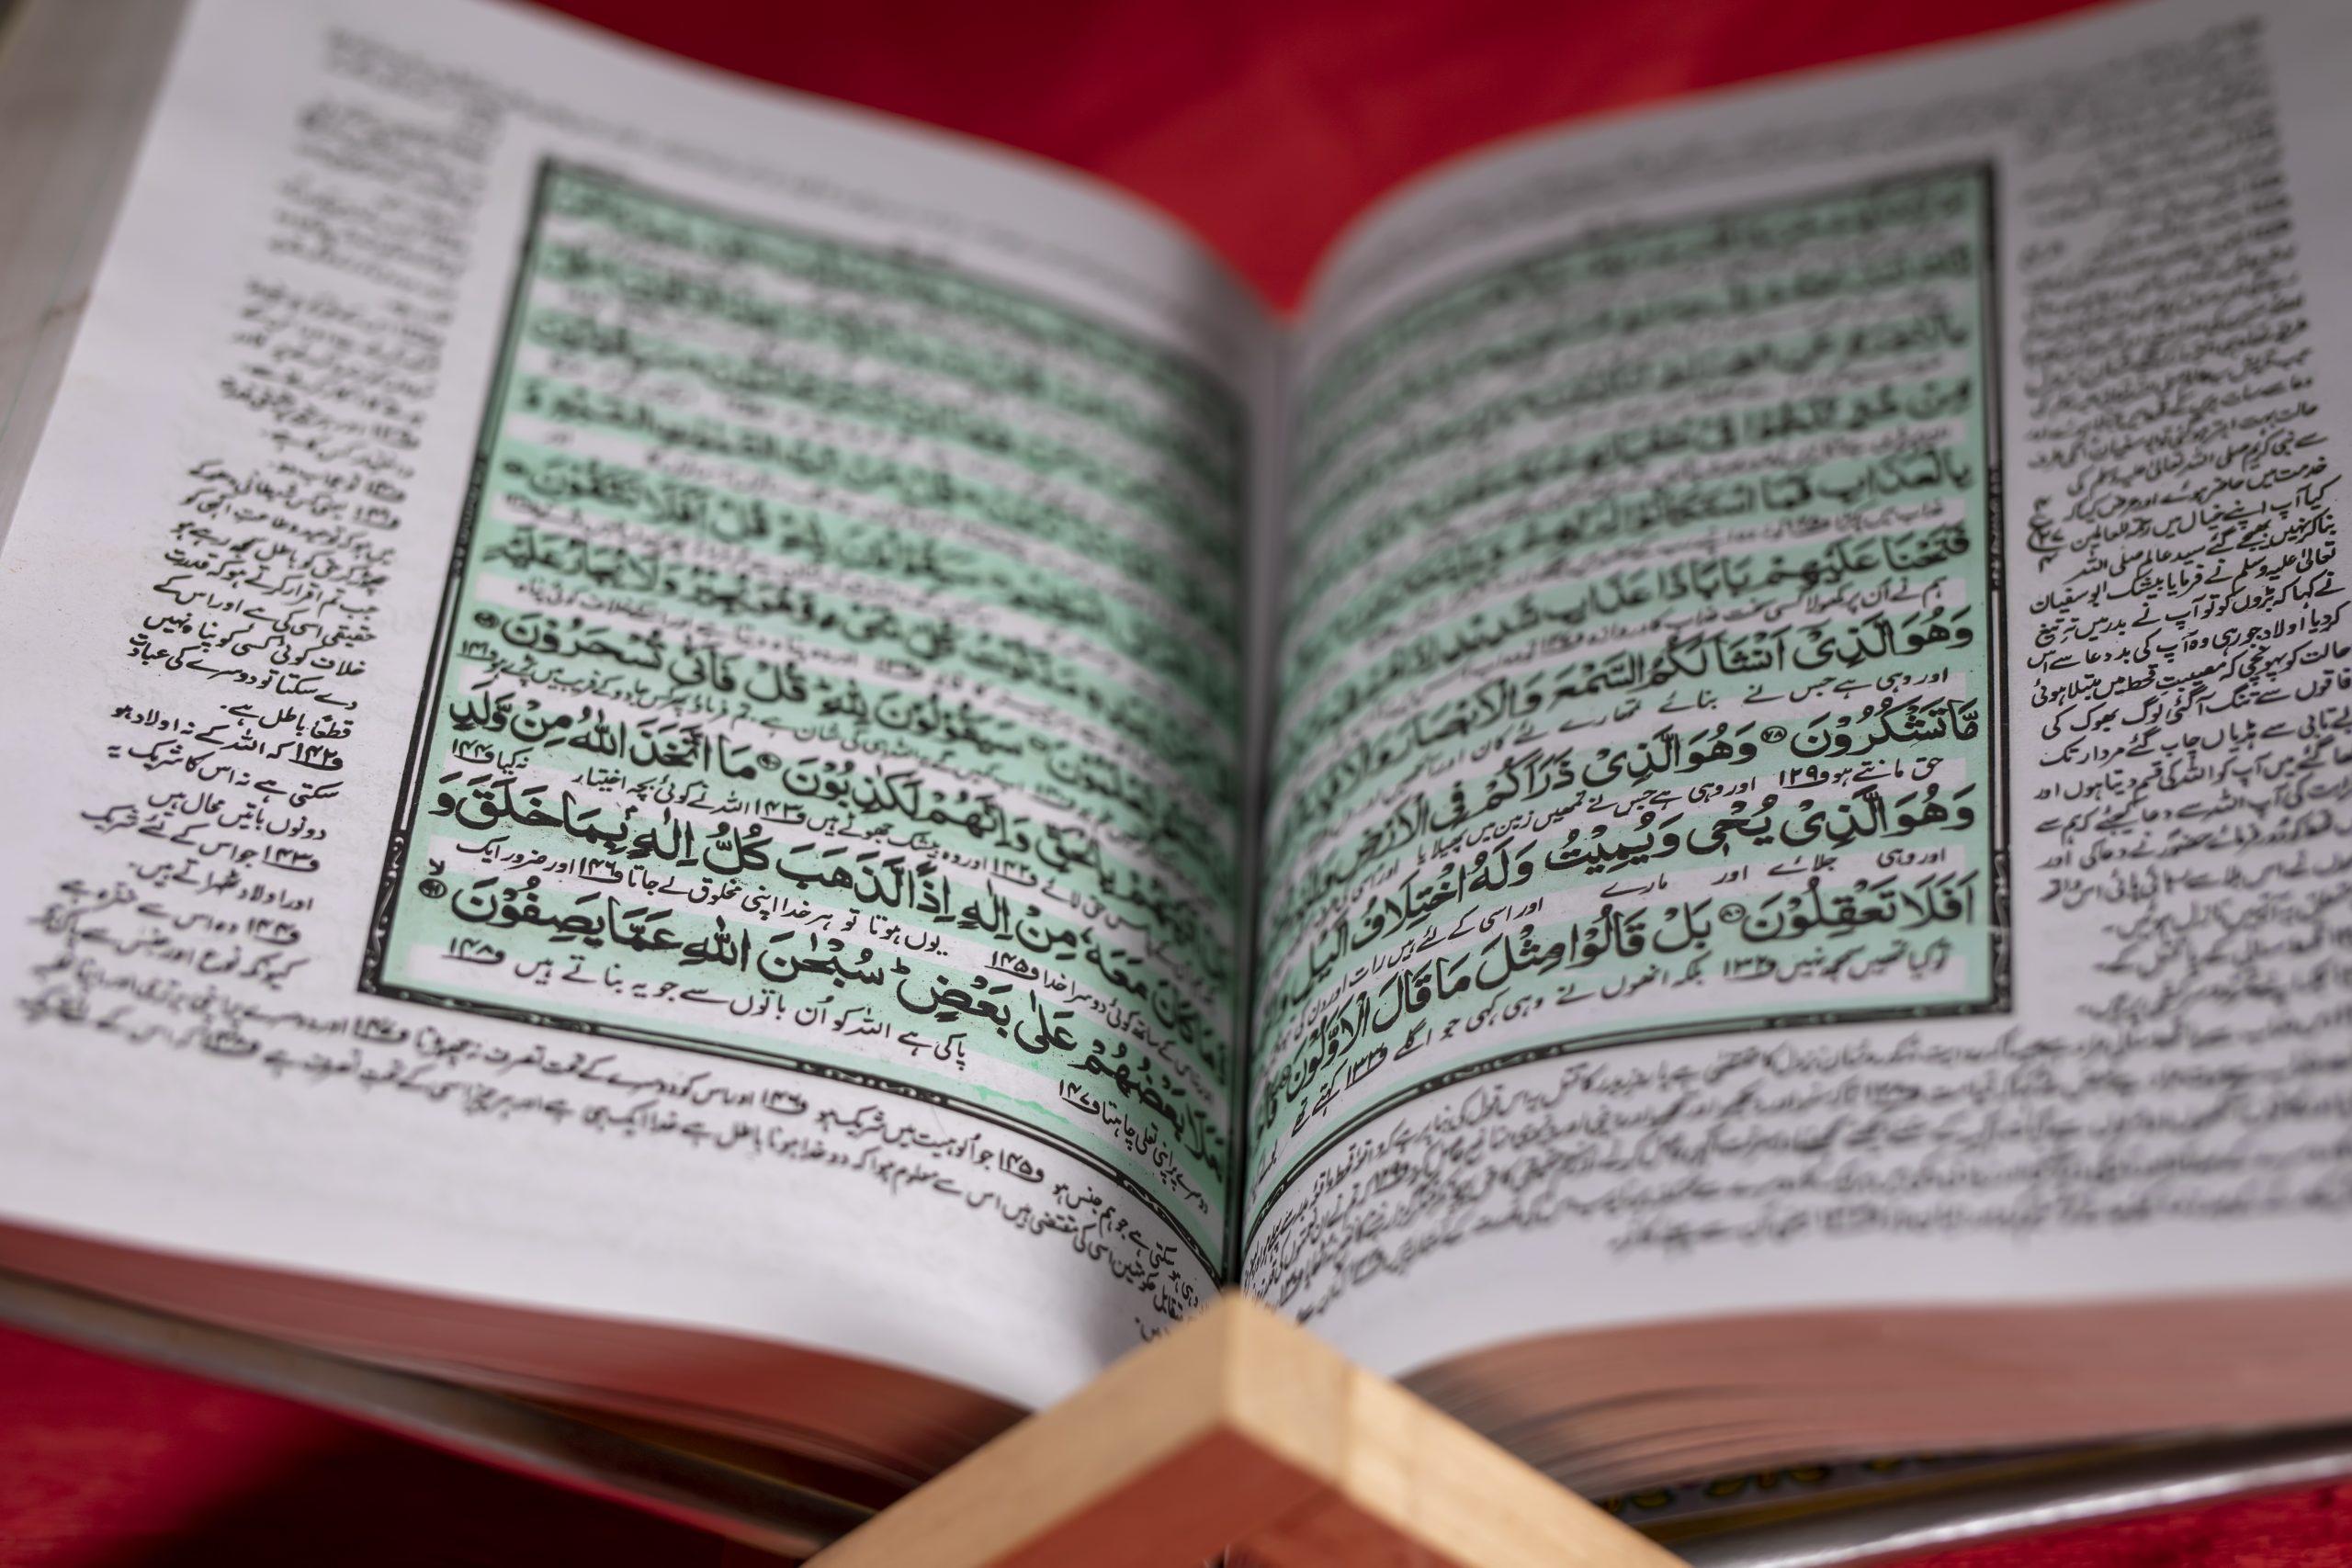 A religious book in Urdu